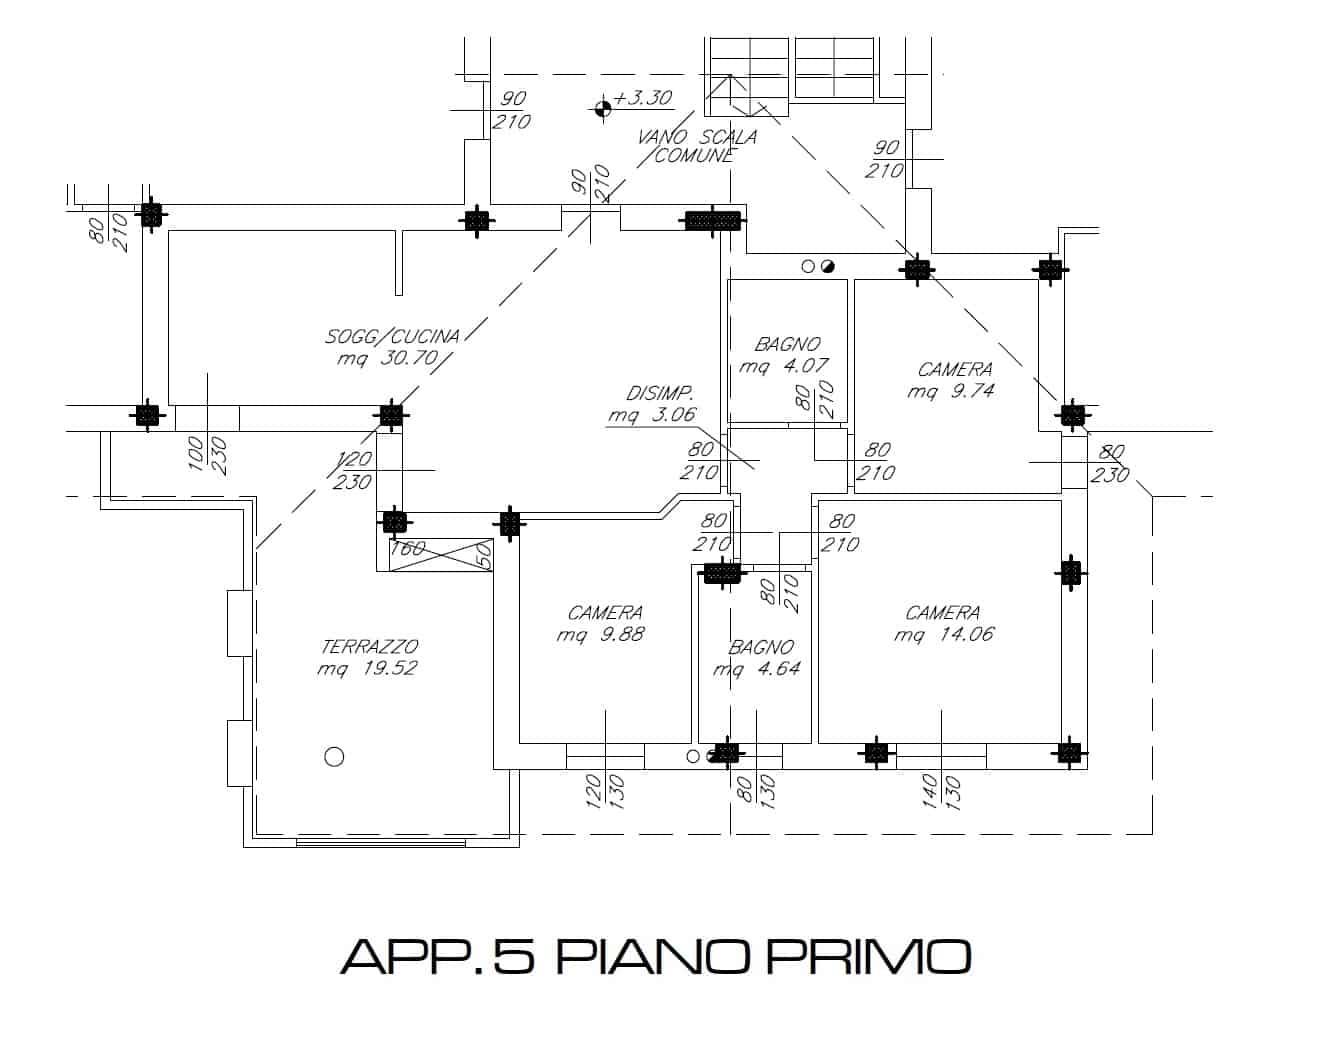 App. 5 PIANO PRIMO